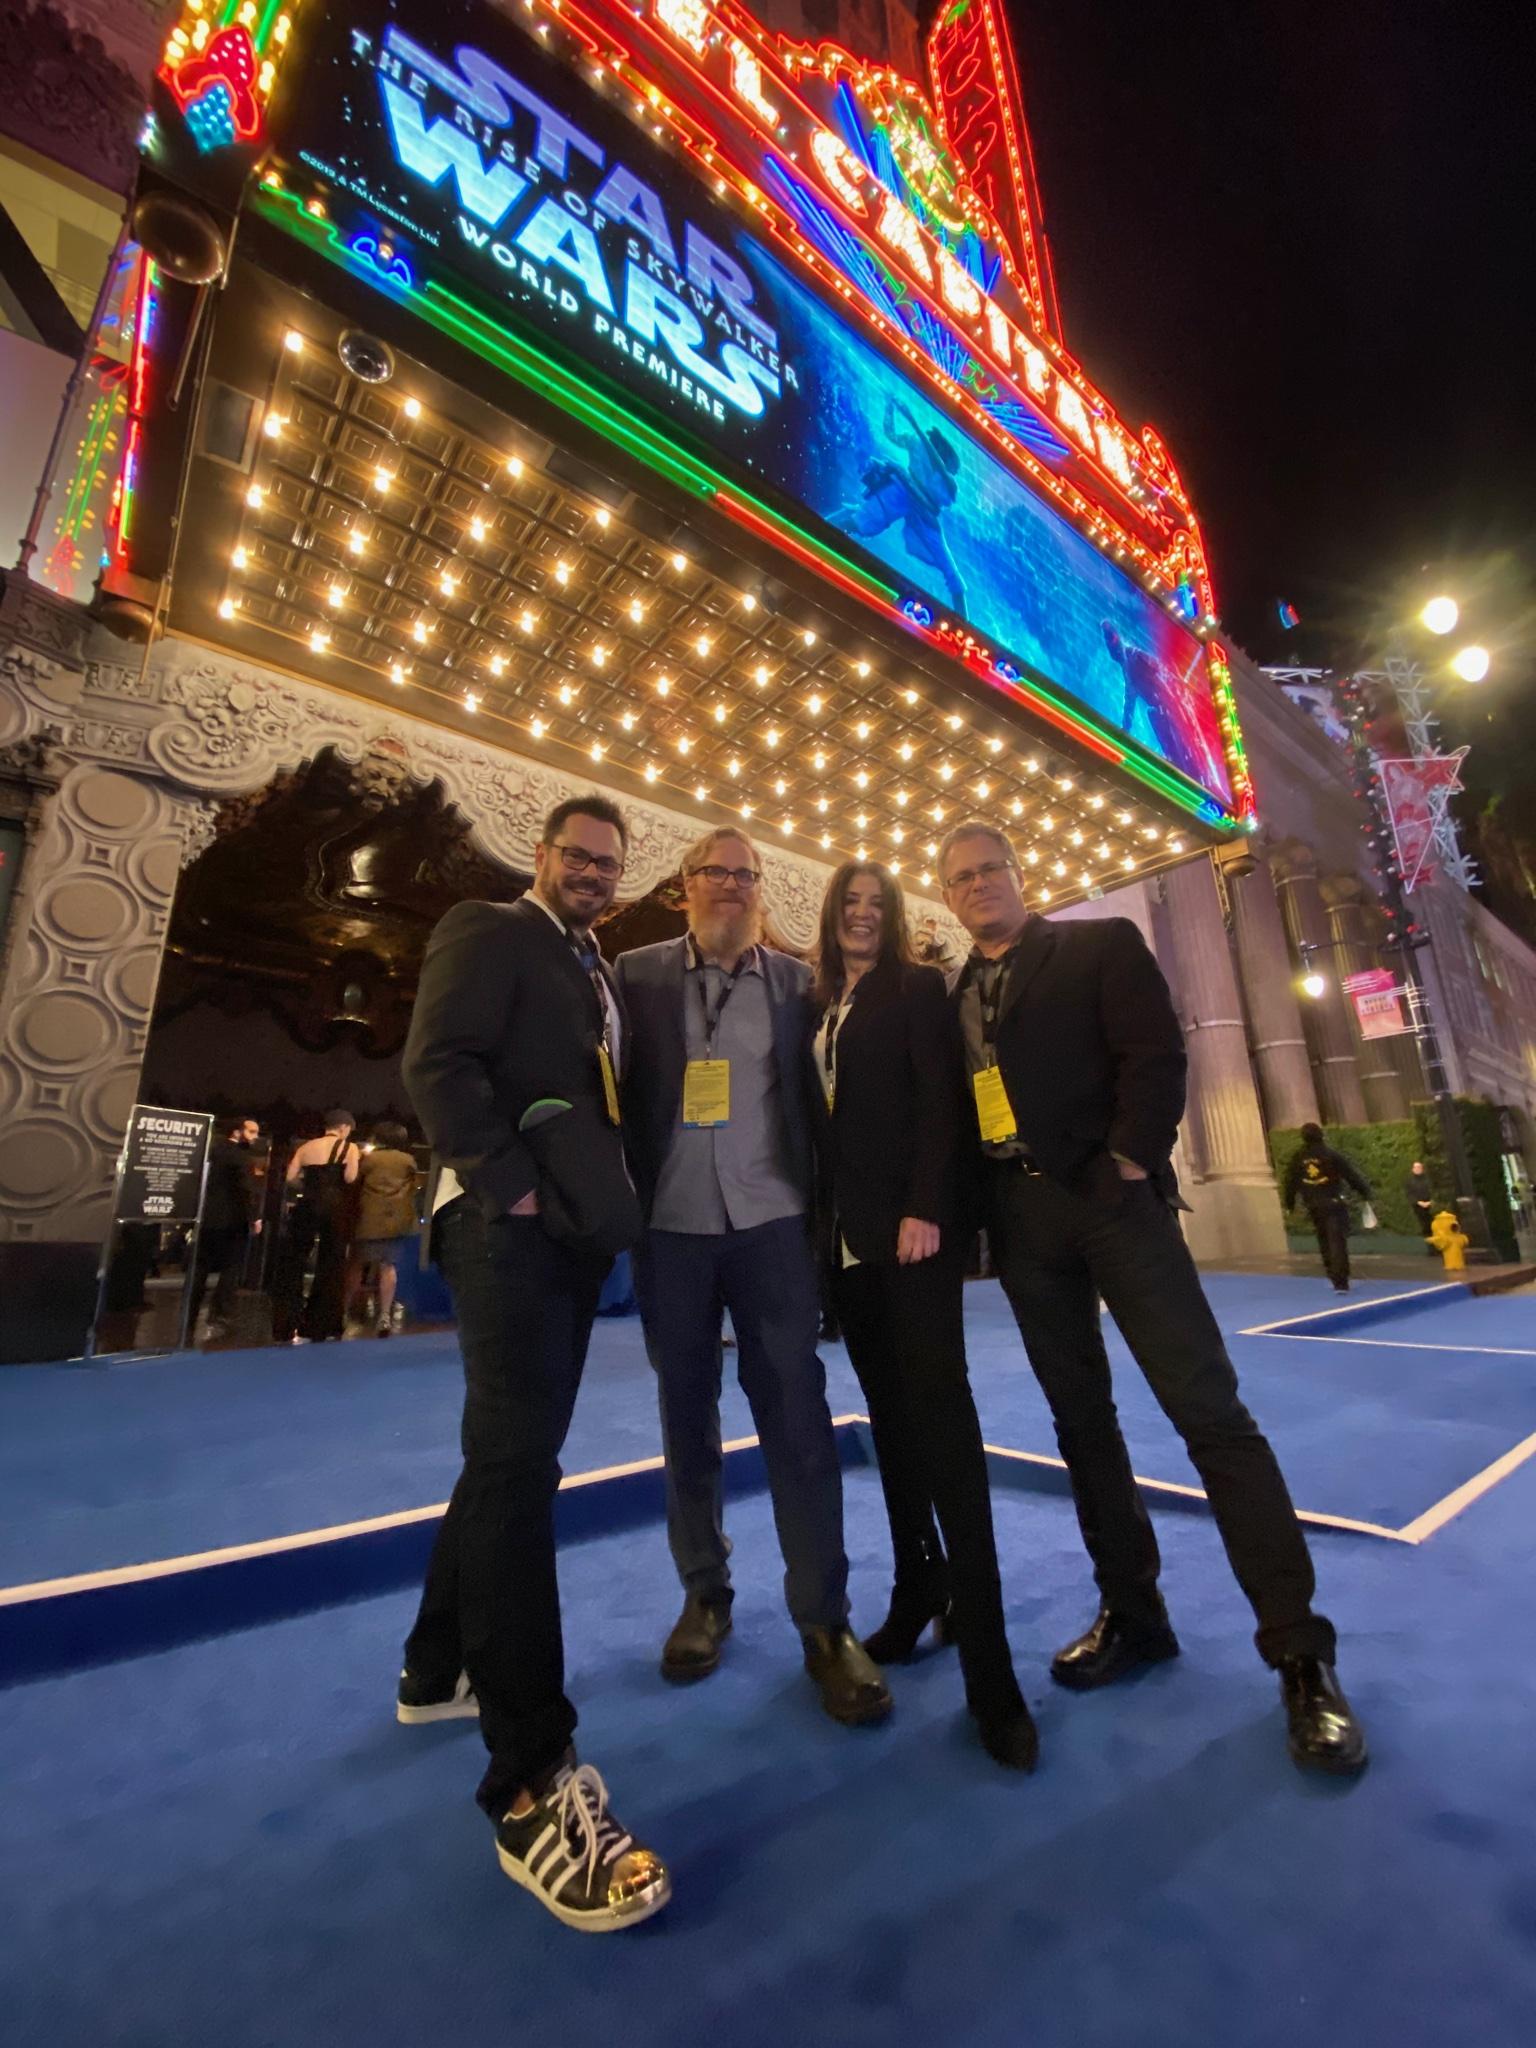 The Mandalorian edit team